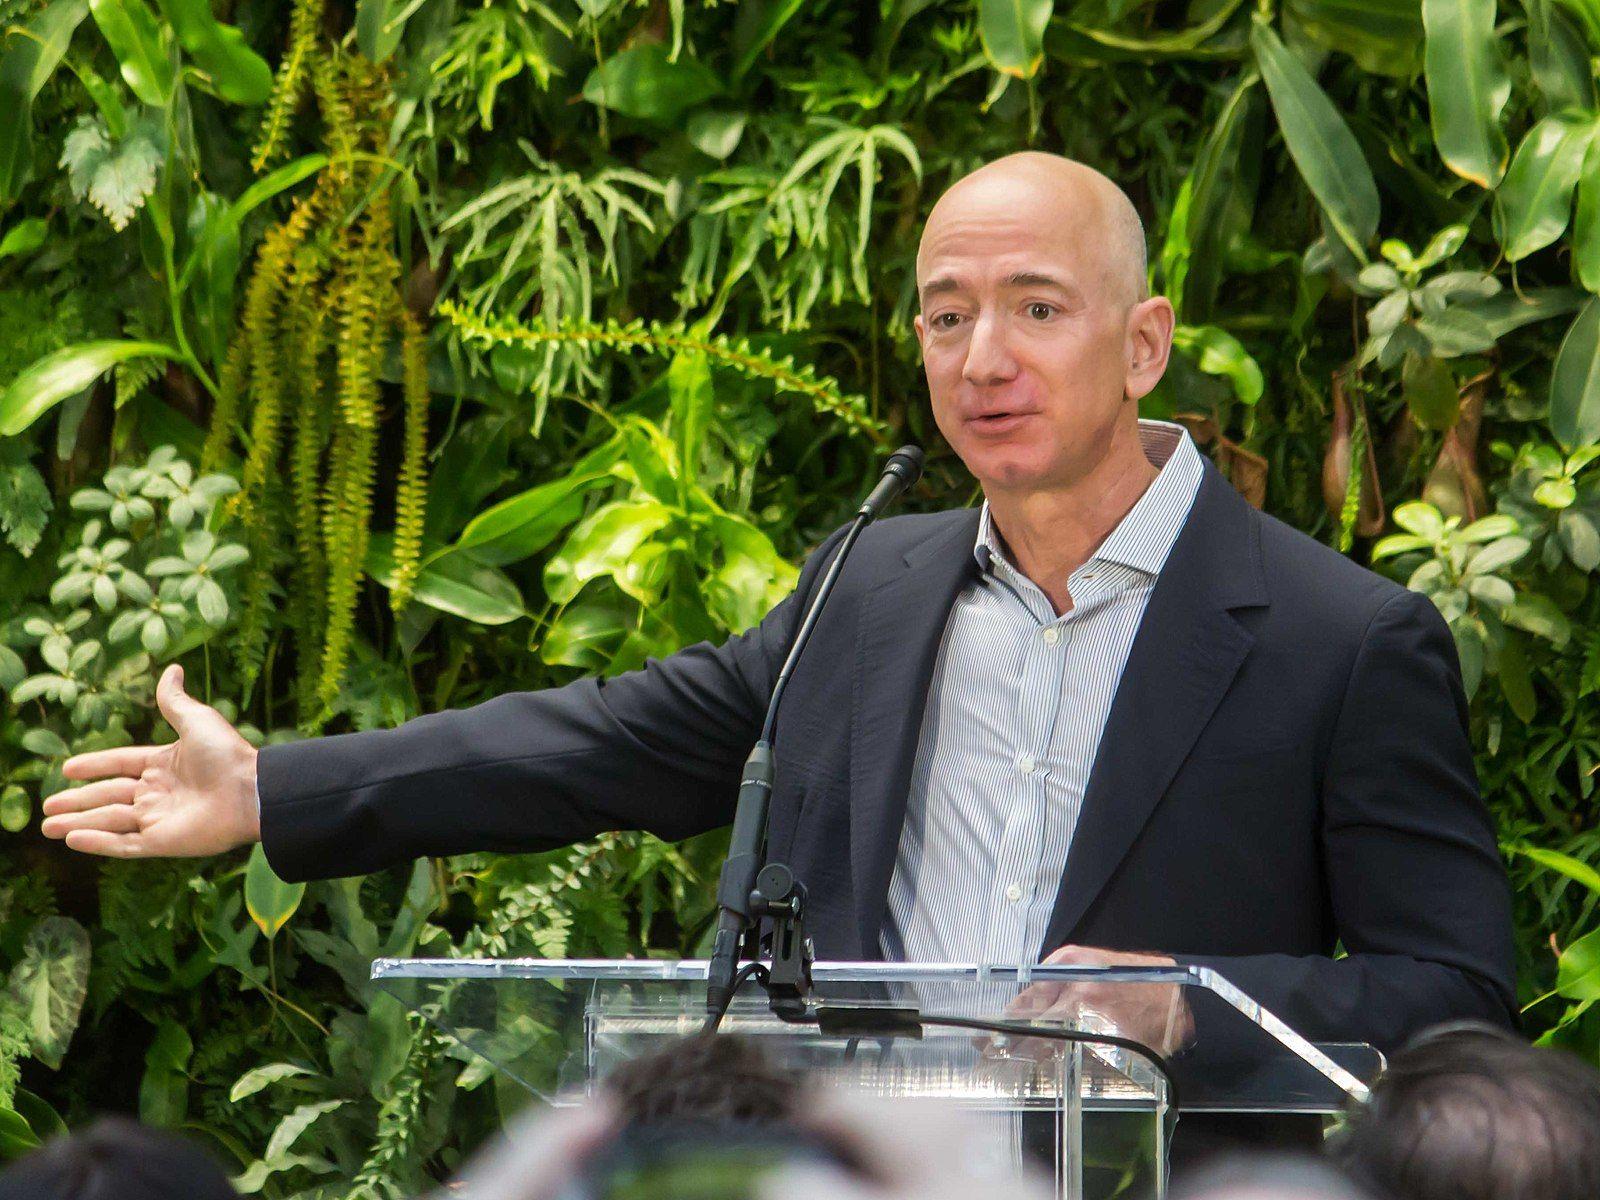 Billionaire Bezos Buys Estate For $165 Mn